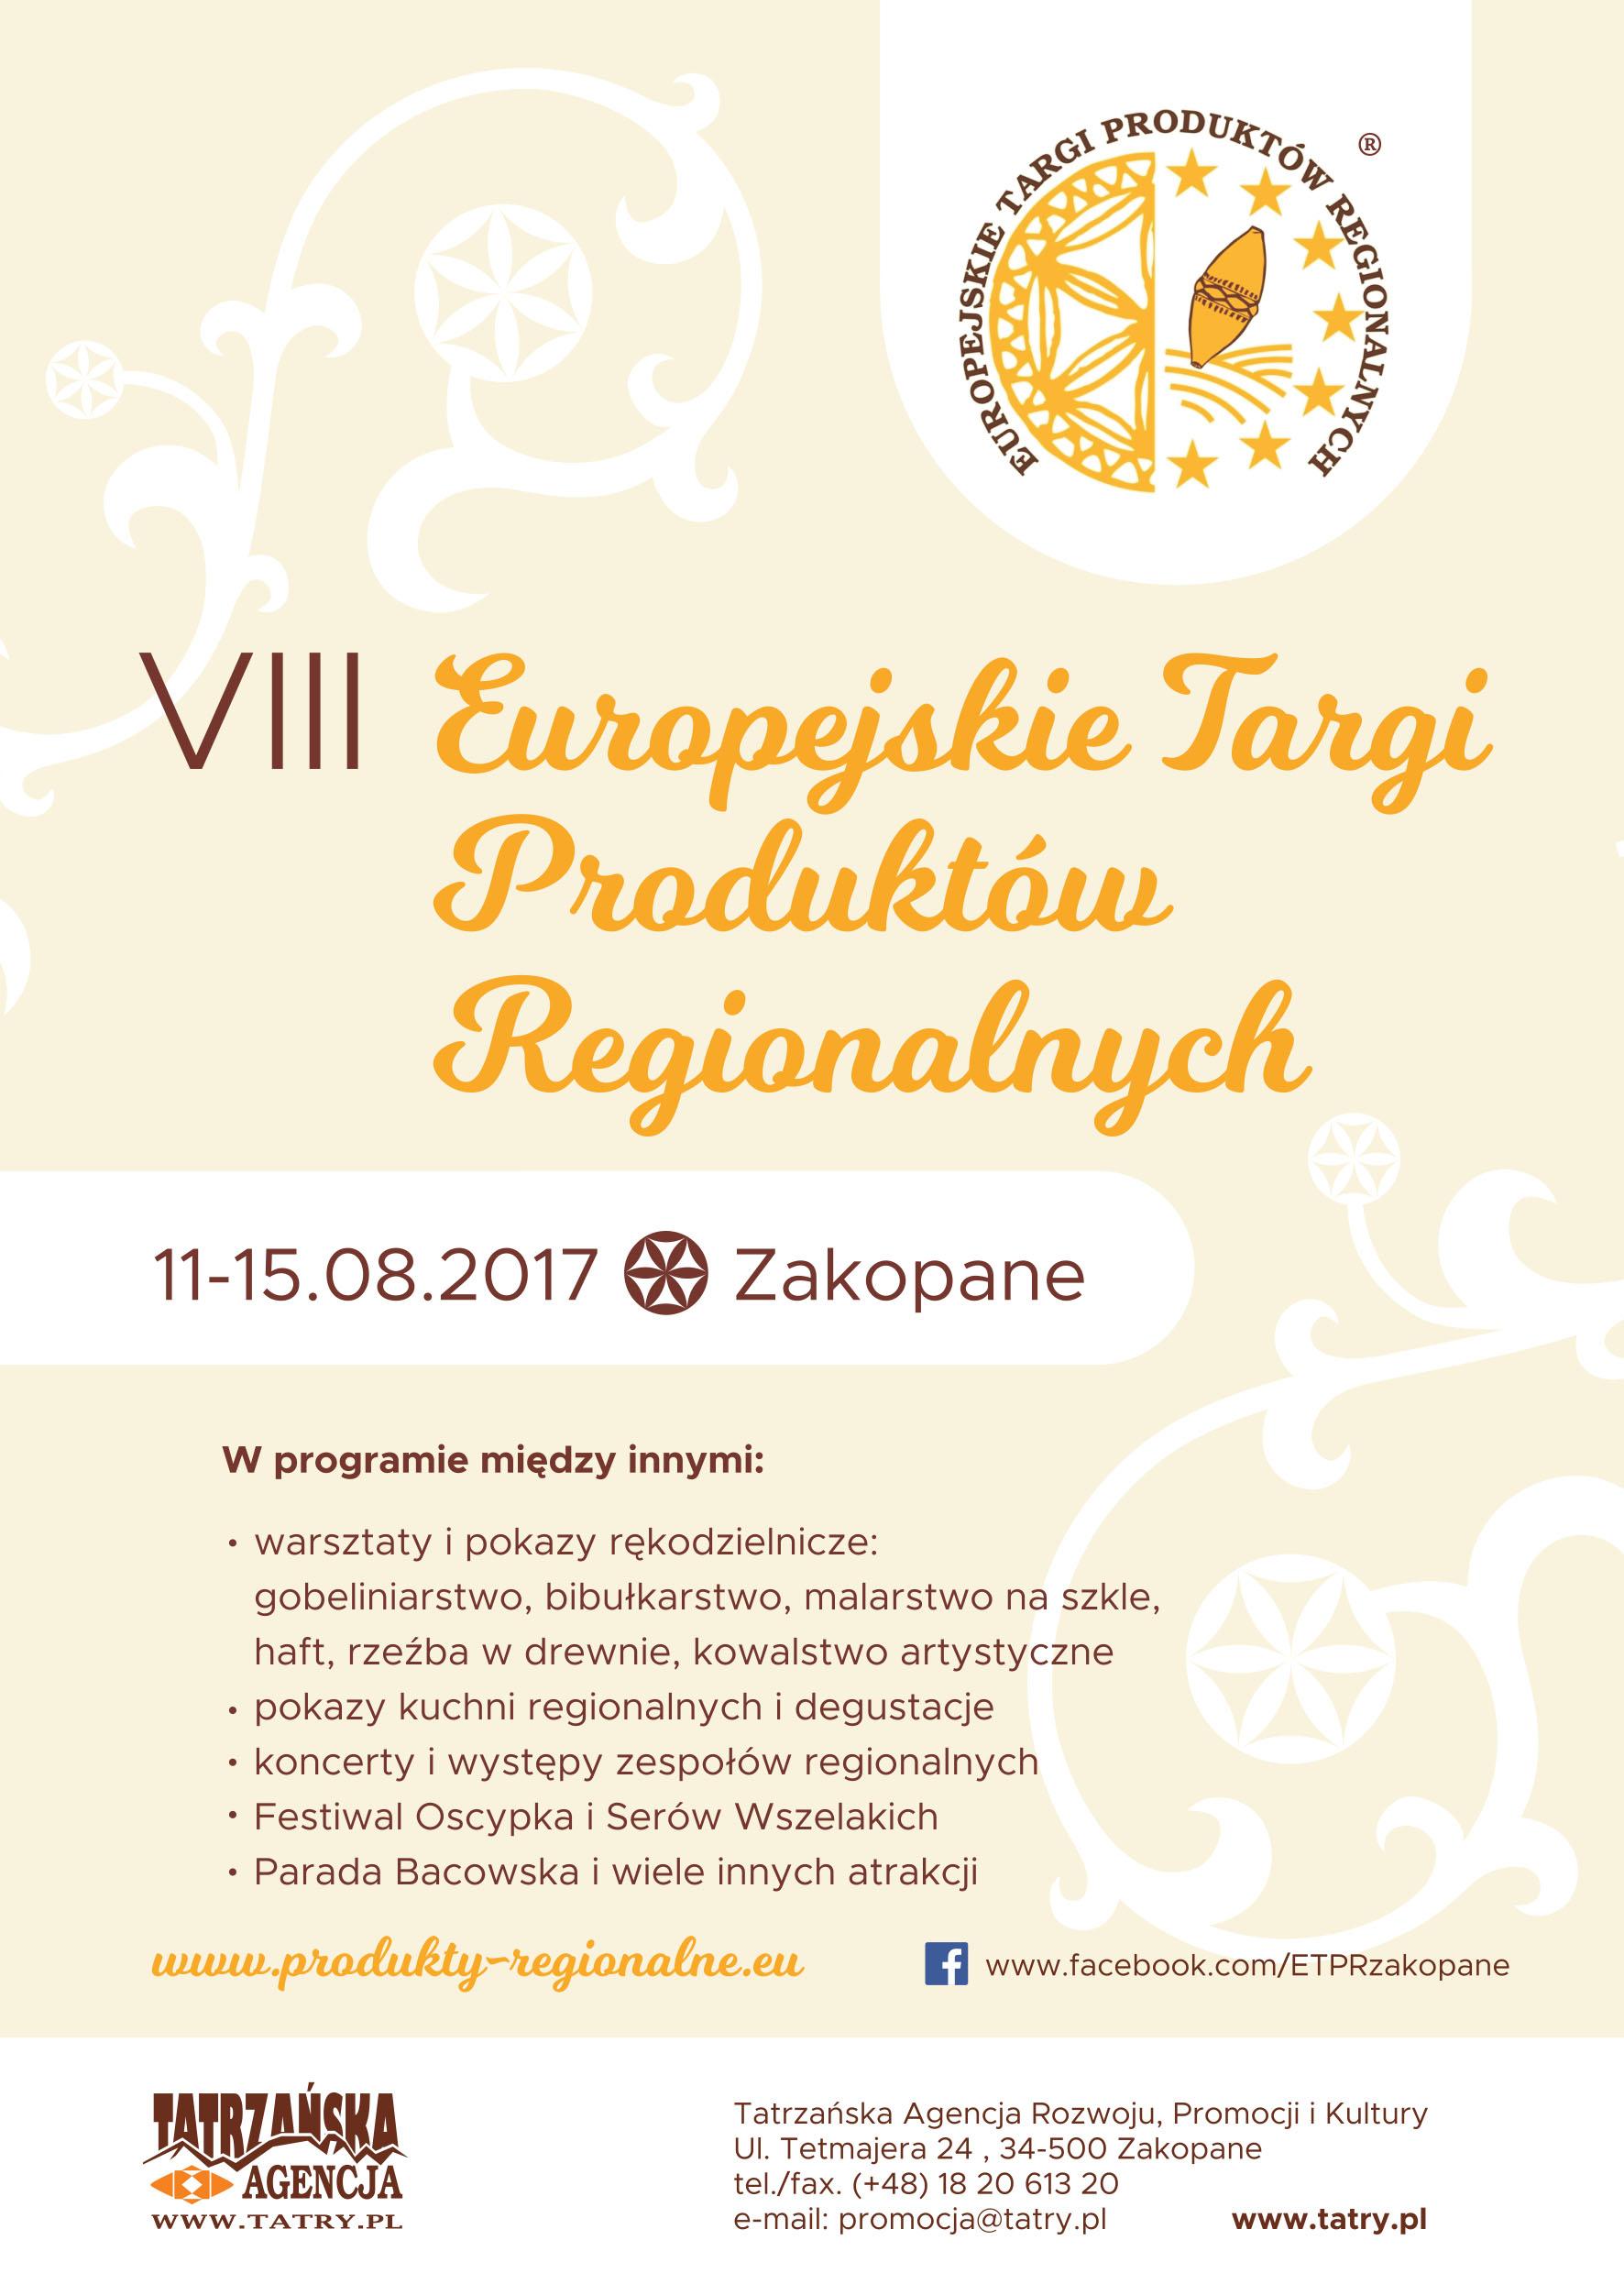 Grafika udostępniona przez: Tatrzańska Agencja Rozwoju, Promocji i Kultury